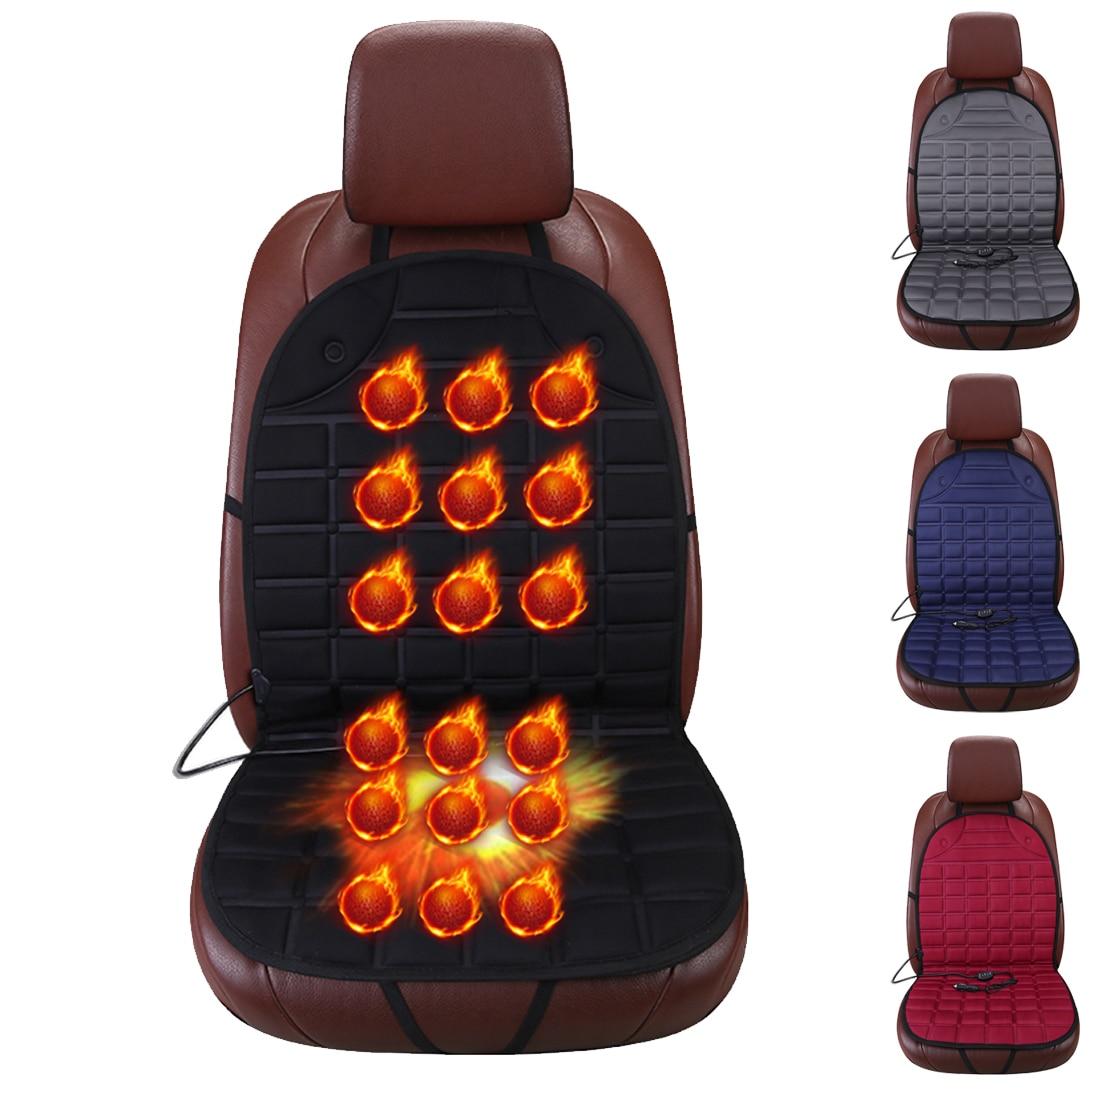 Dewtreetali Neue 12 V Beheizte Auto Sitzkissen Sitzbezug Heater Warmer Winter Haushalt Cardriver Beheizten Sitzkissen